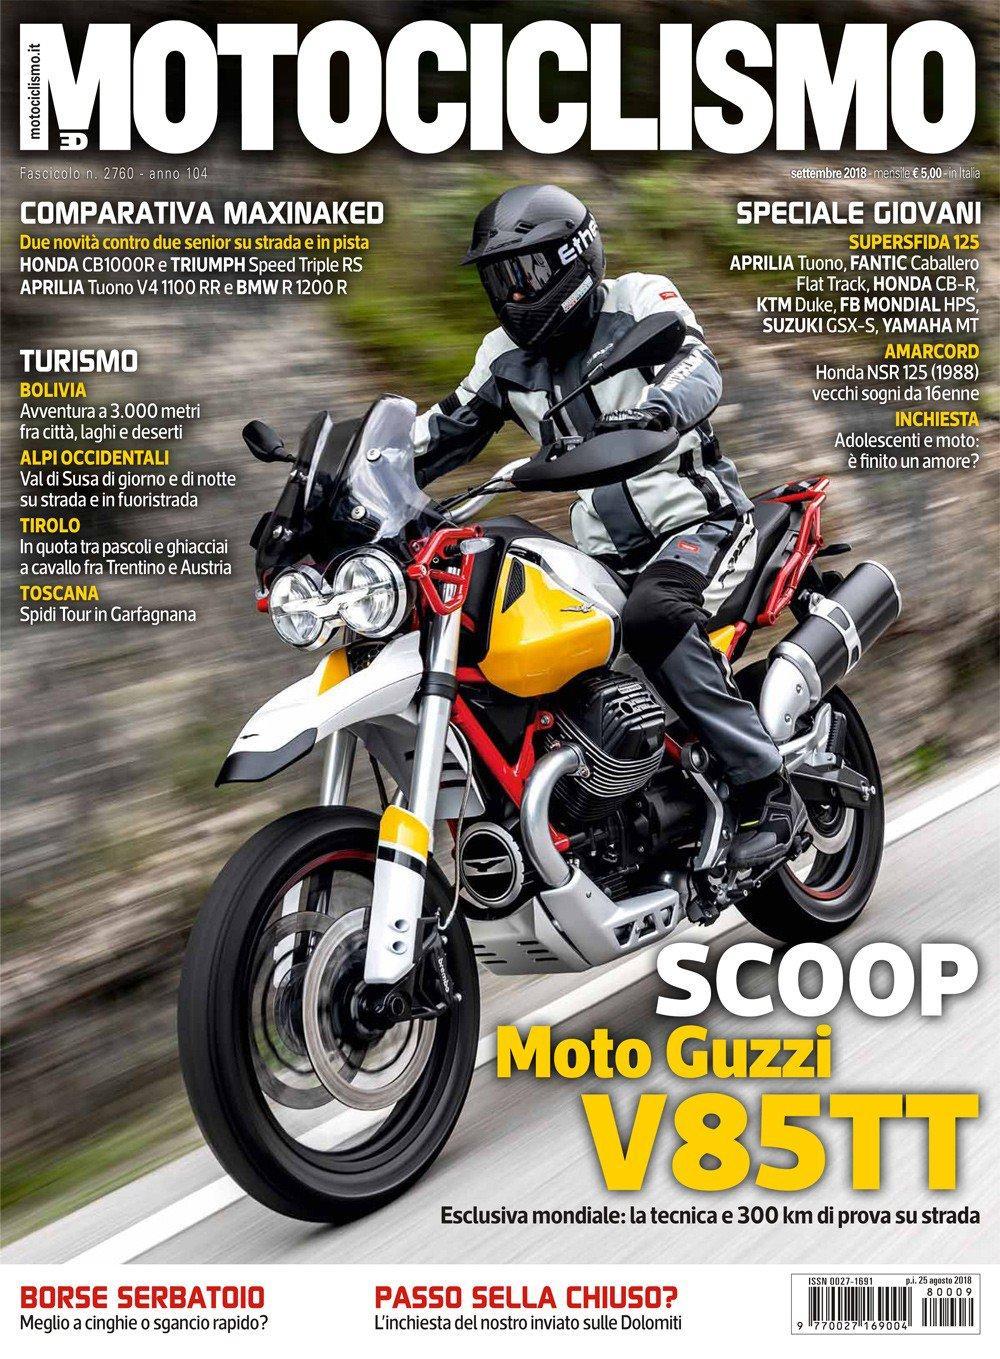 Moto Guzzi V85 B